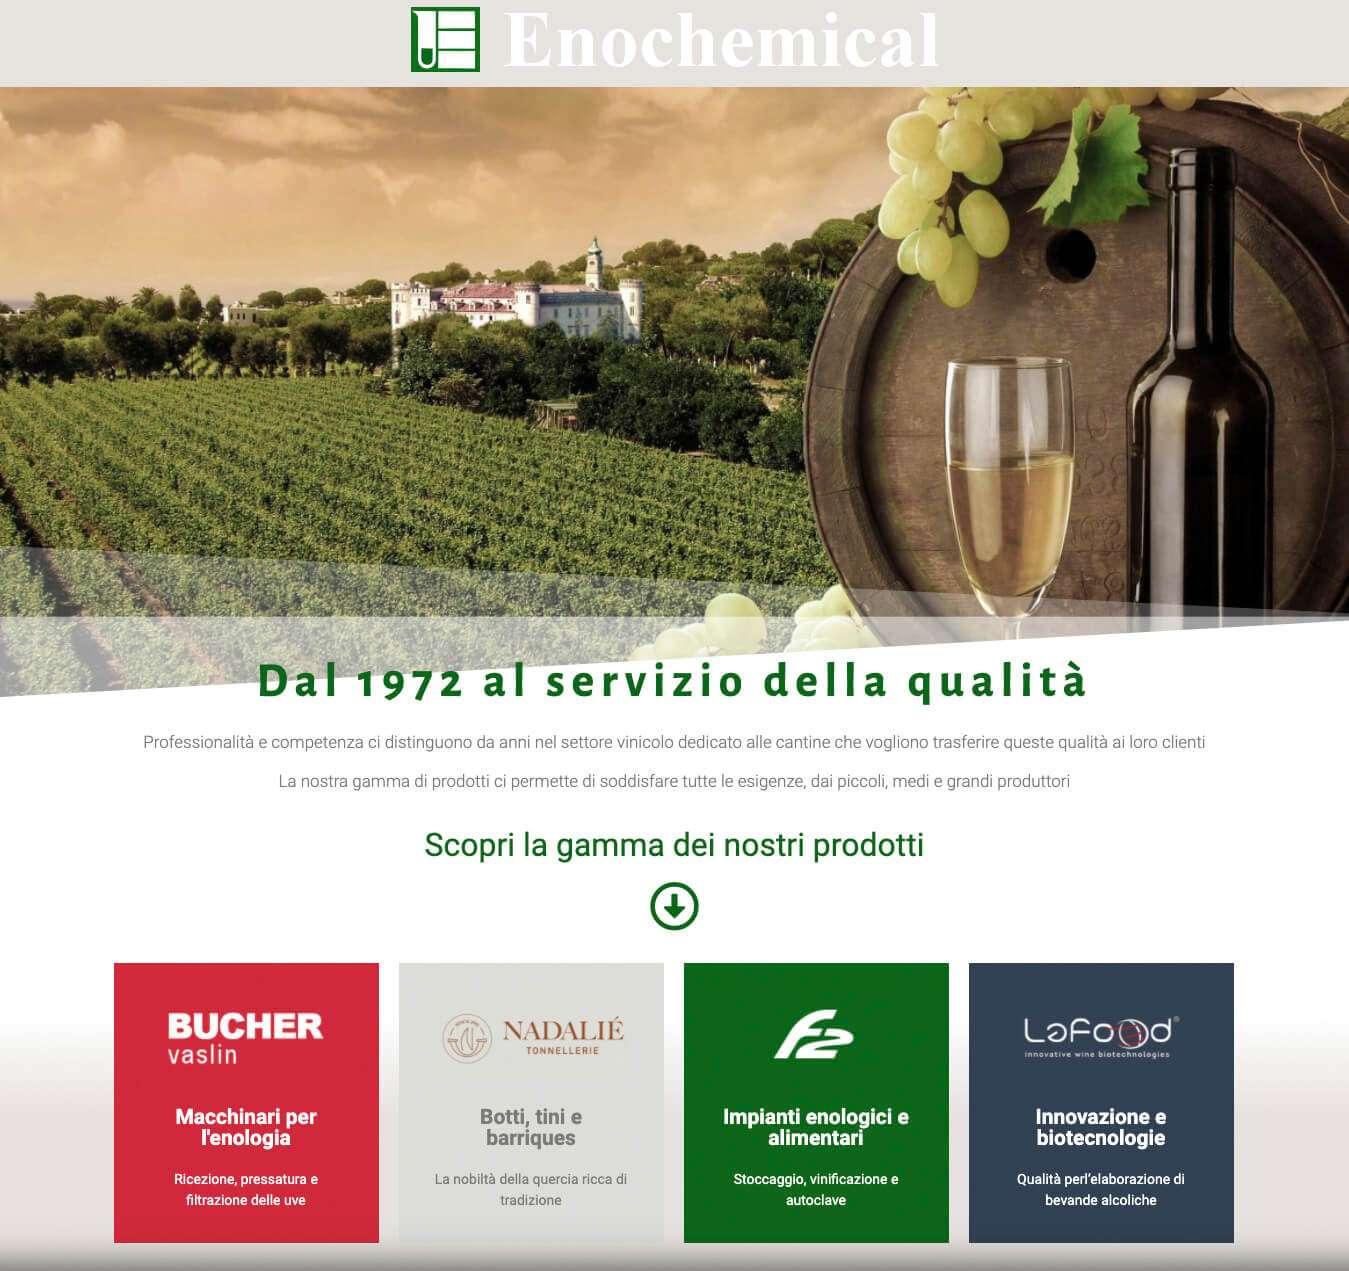 sito internet enochemical Asti settore vinicolo Essetre agenzia web